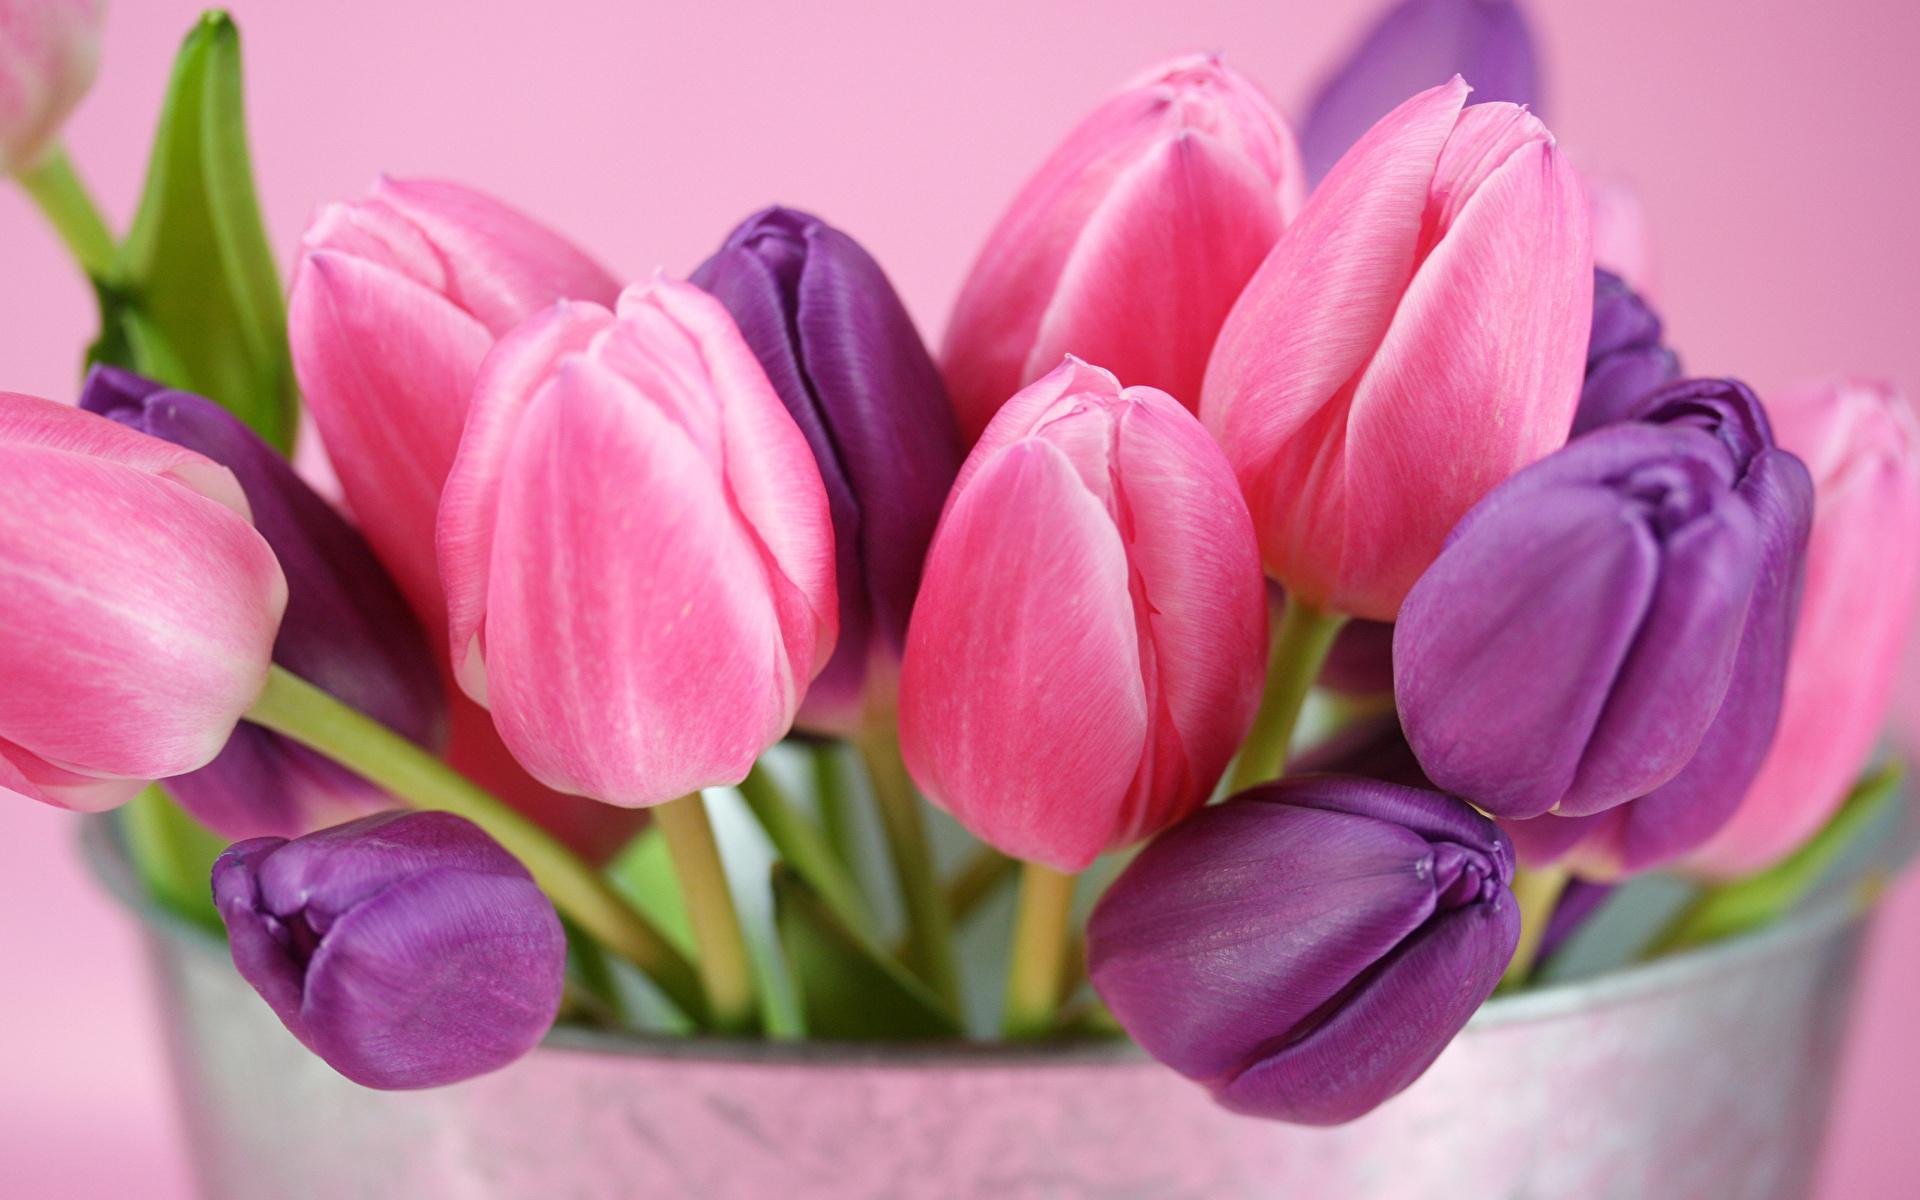 Цветы, нежность, март, женщины, девушки